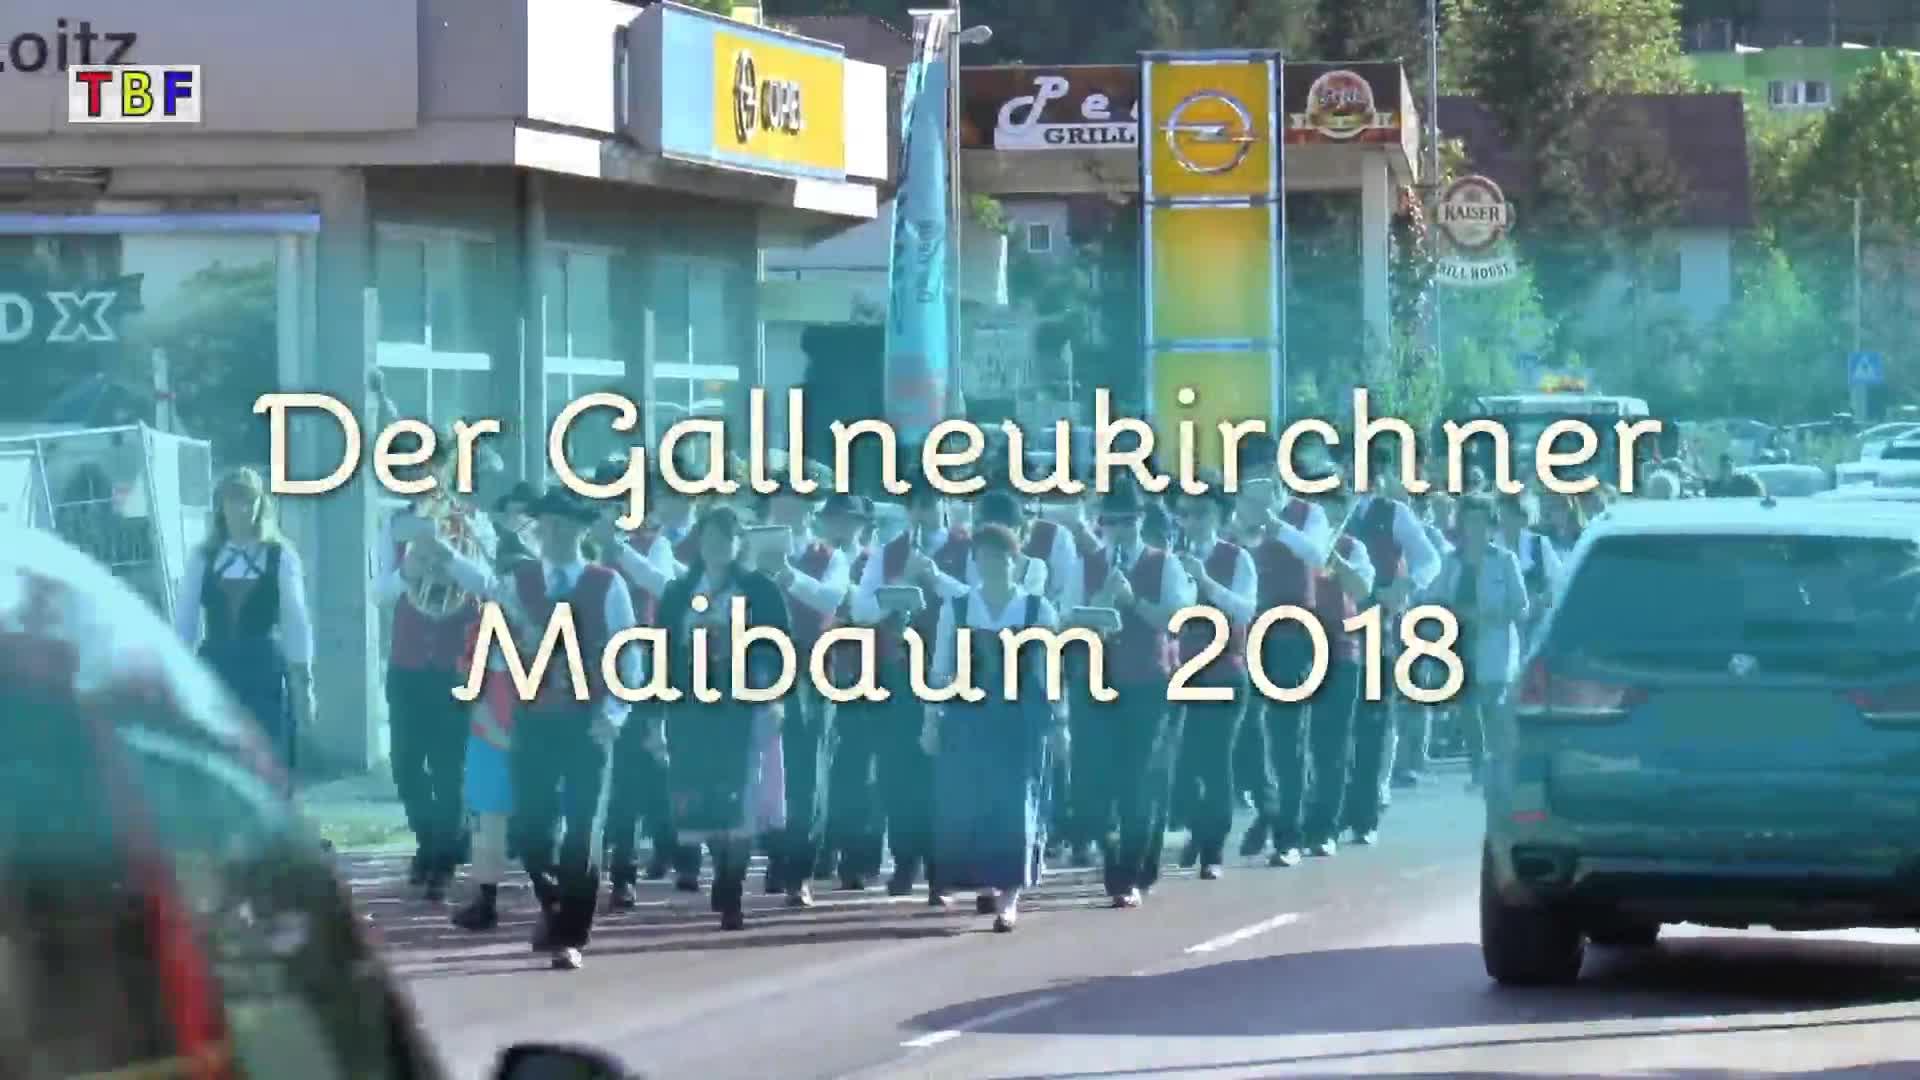 Der Gallneukirchner Maibaum 2018